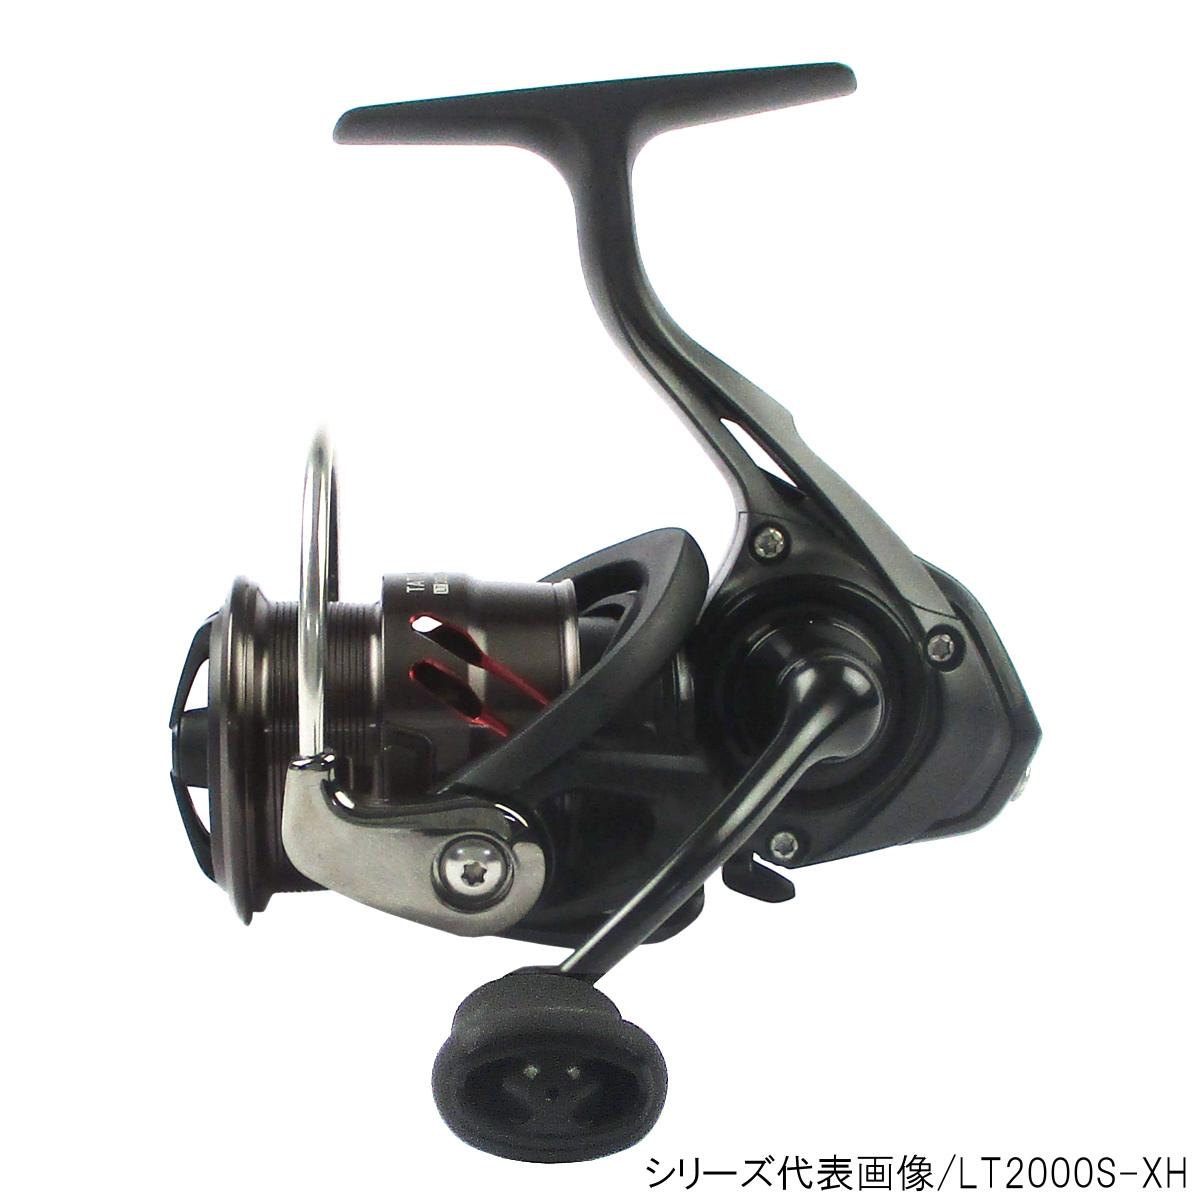 ダイワ タトゥーラ(スピニングモデル) LT2500S-XH